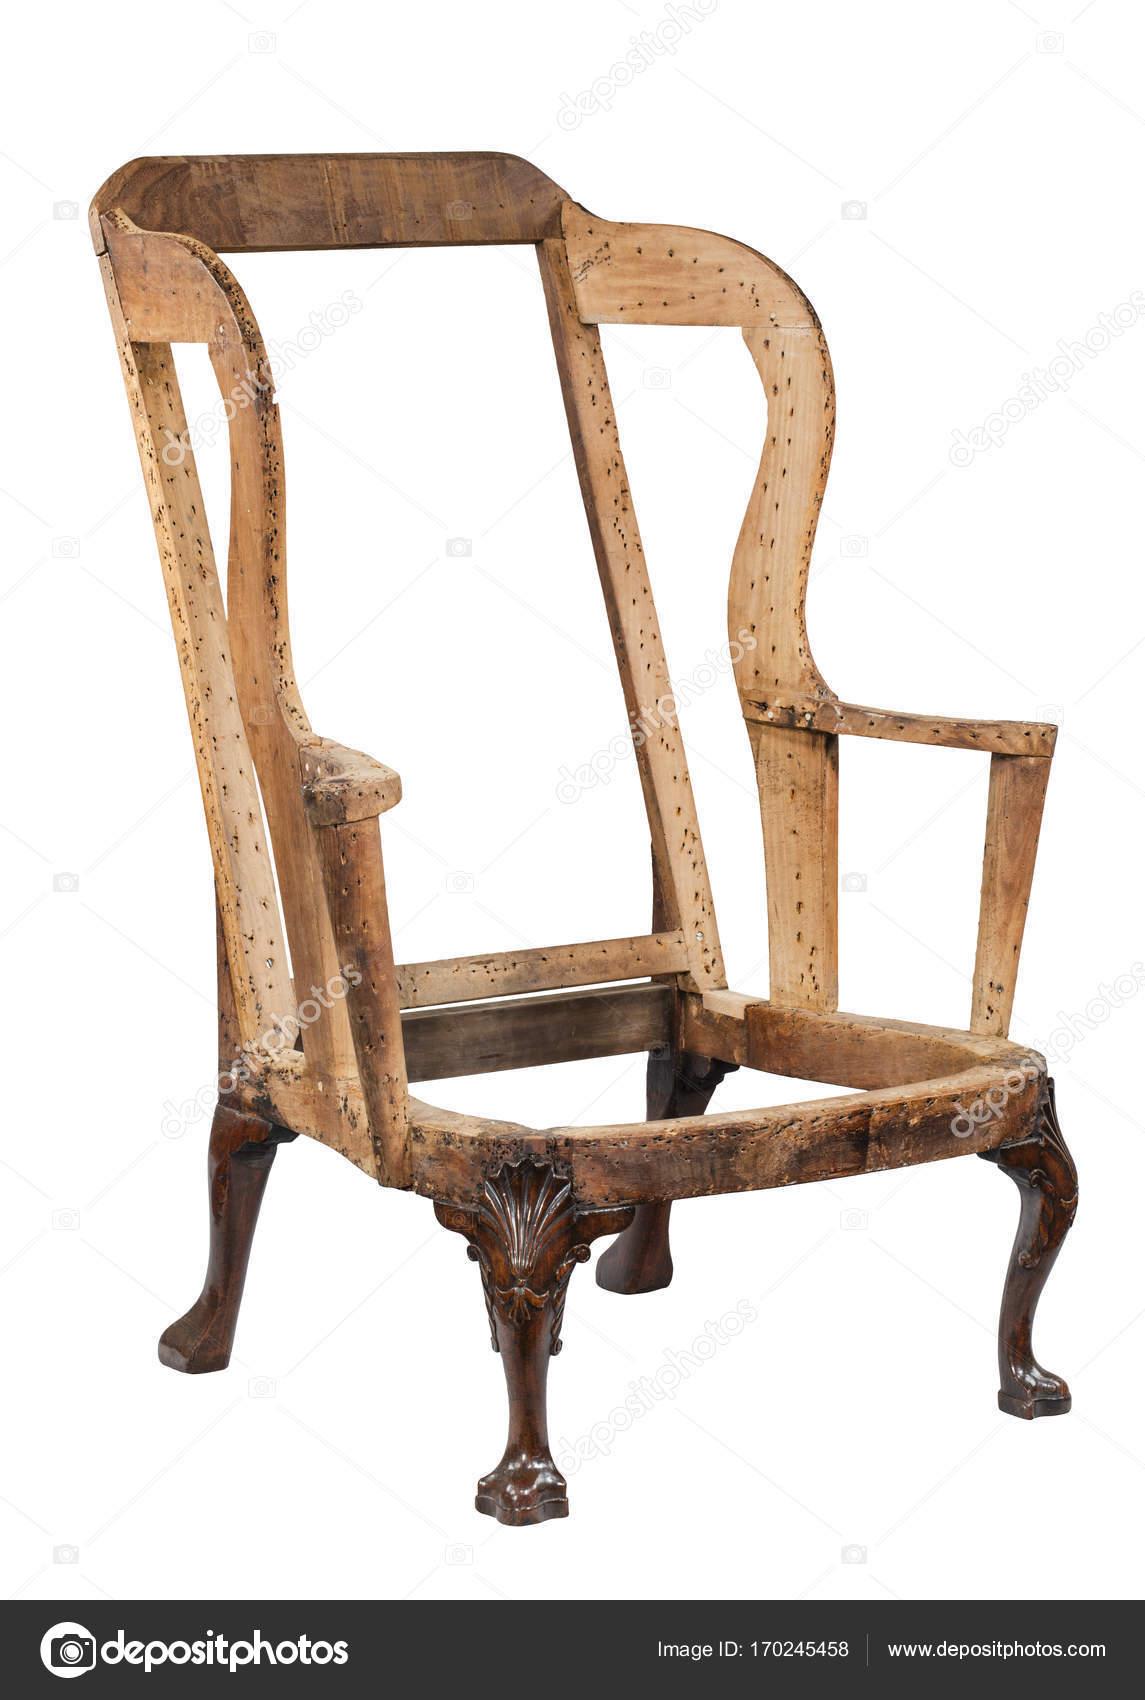 traditionnel vieux fauteuil ne rembourré pas encore — Photographie ...